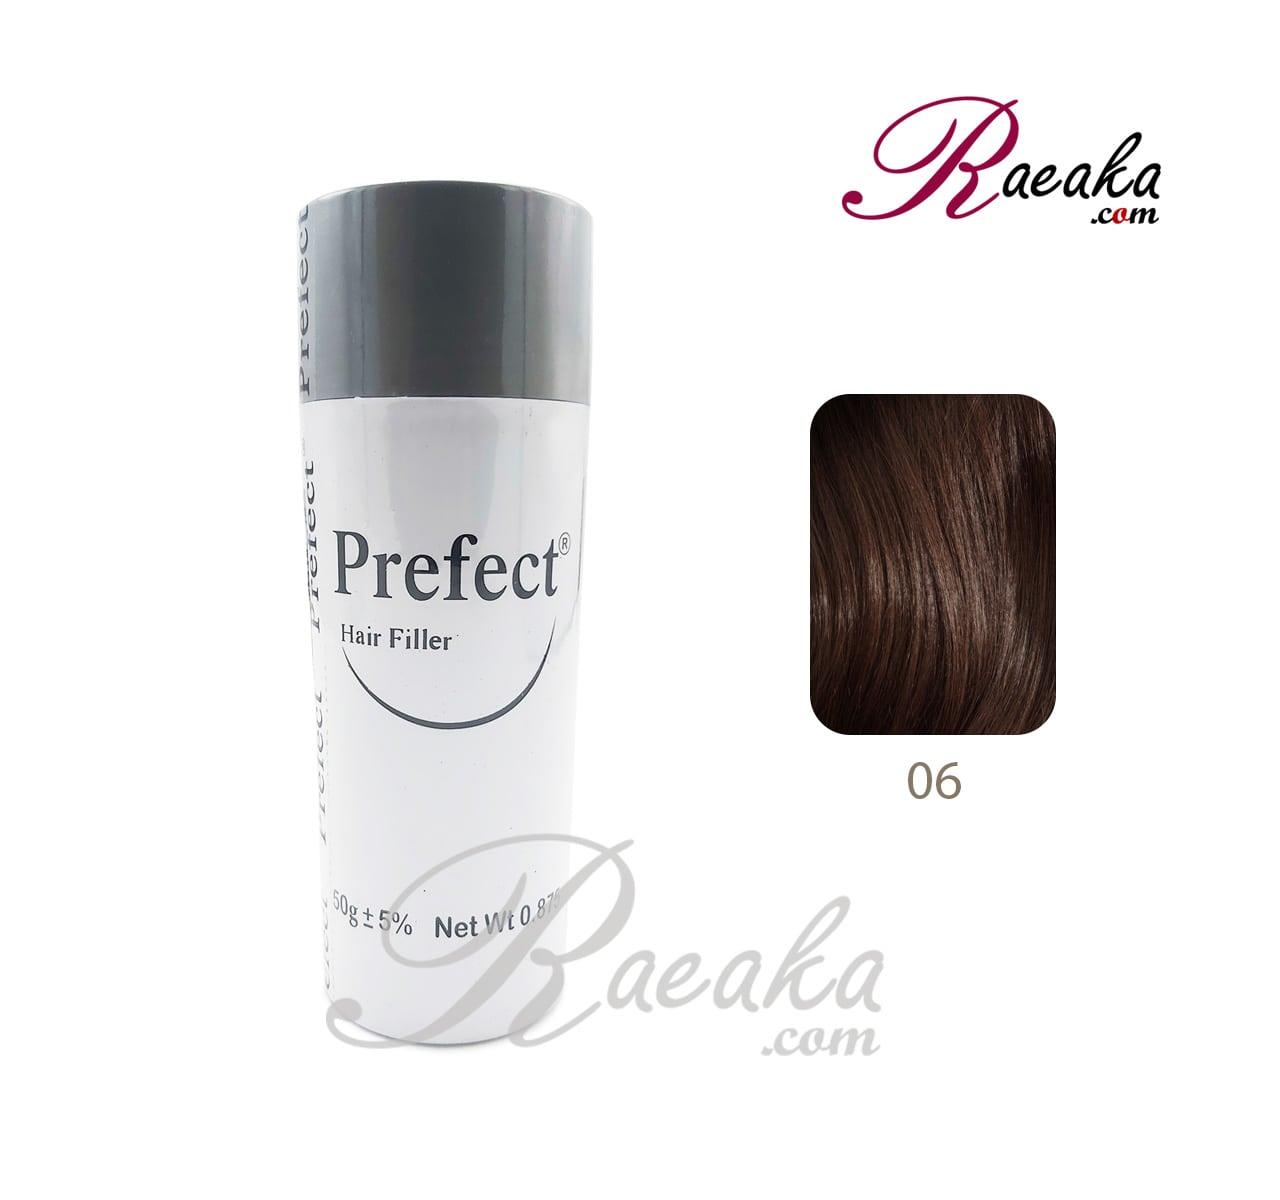 پودر پرپشت کننده مو پرفکت کد 06 - قهوه ای روشن (Light Brown) وزن خالص 50 گرم